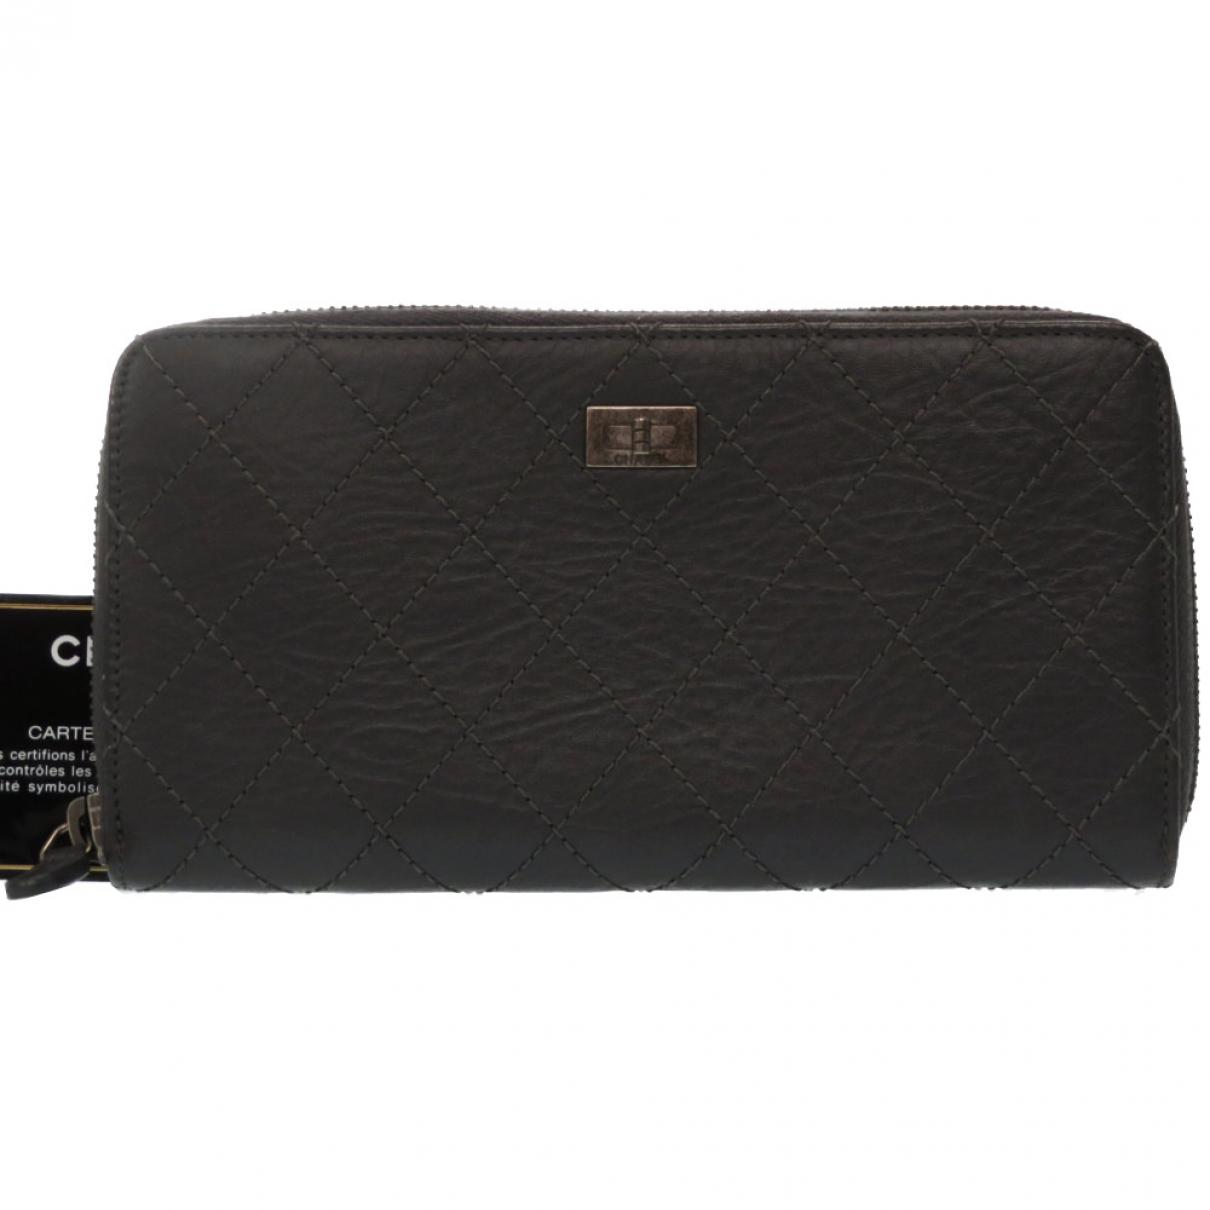 Chanel 2.55 Portemonnaie in  Grau Leder